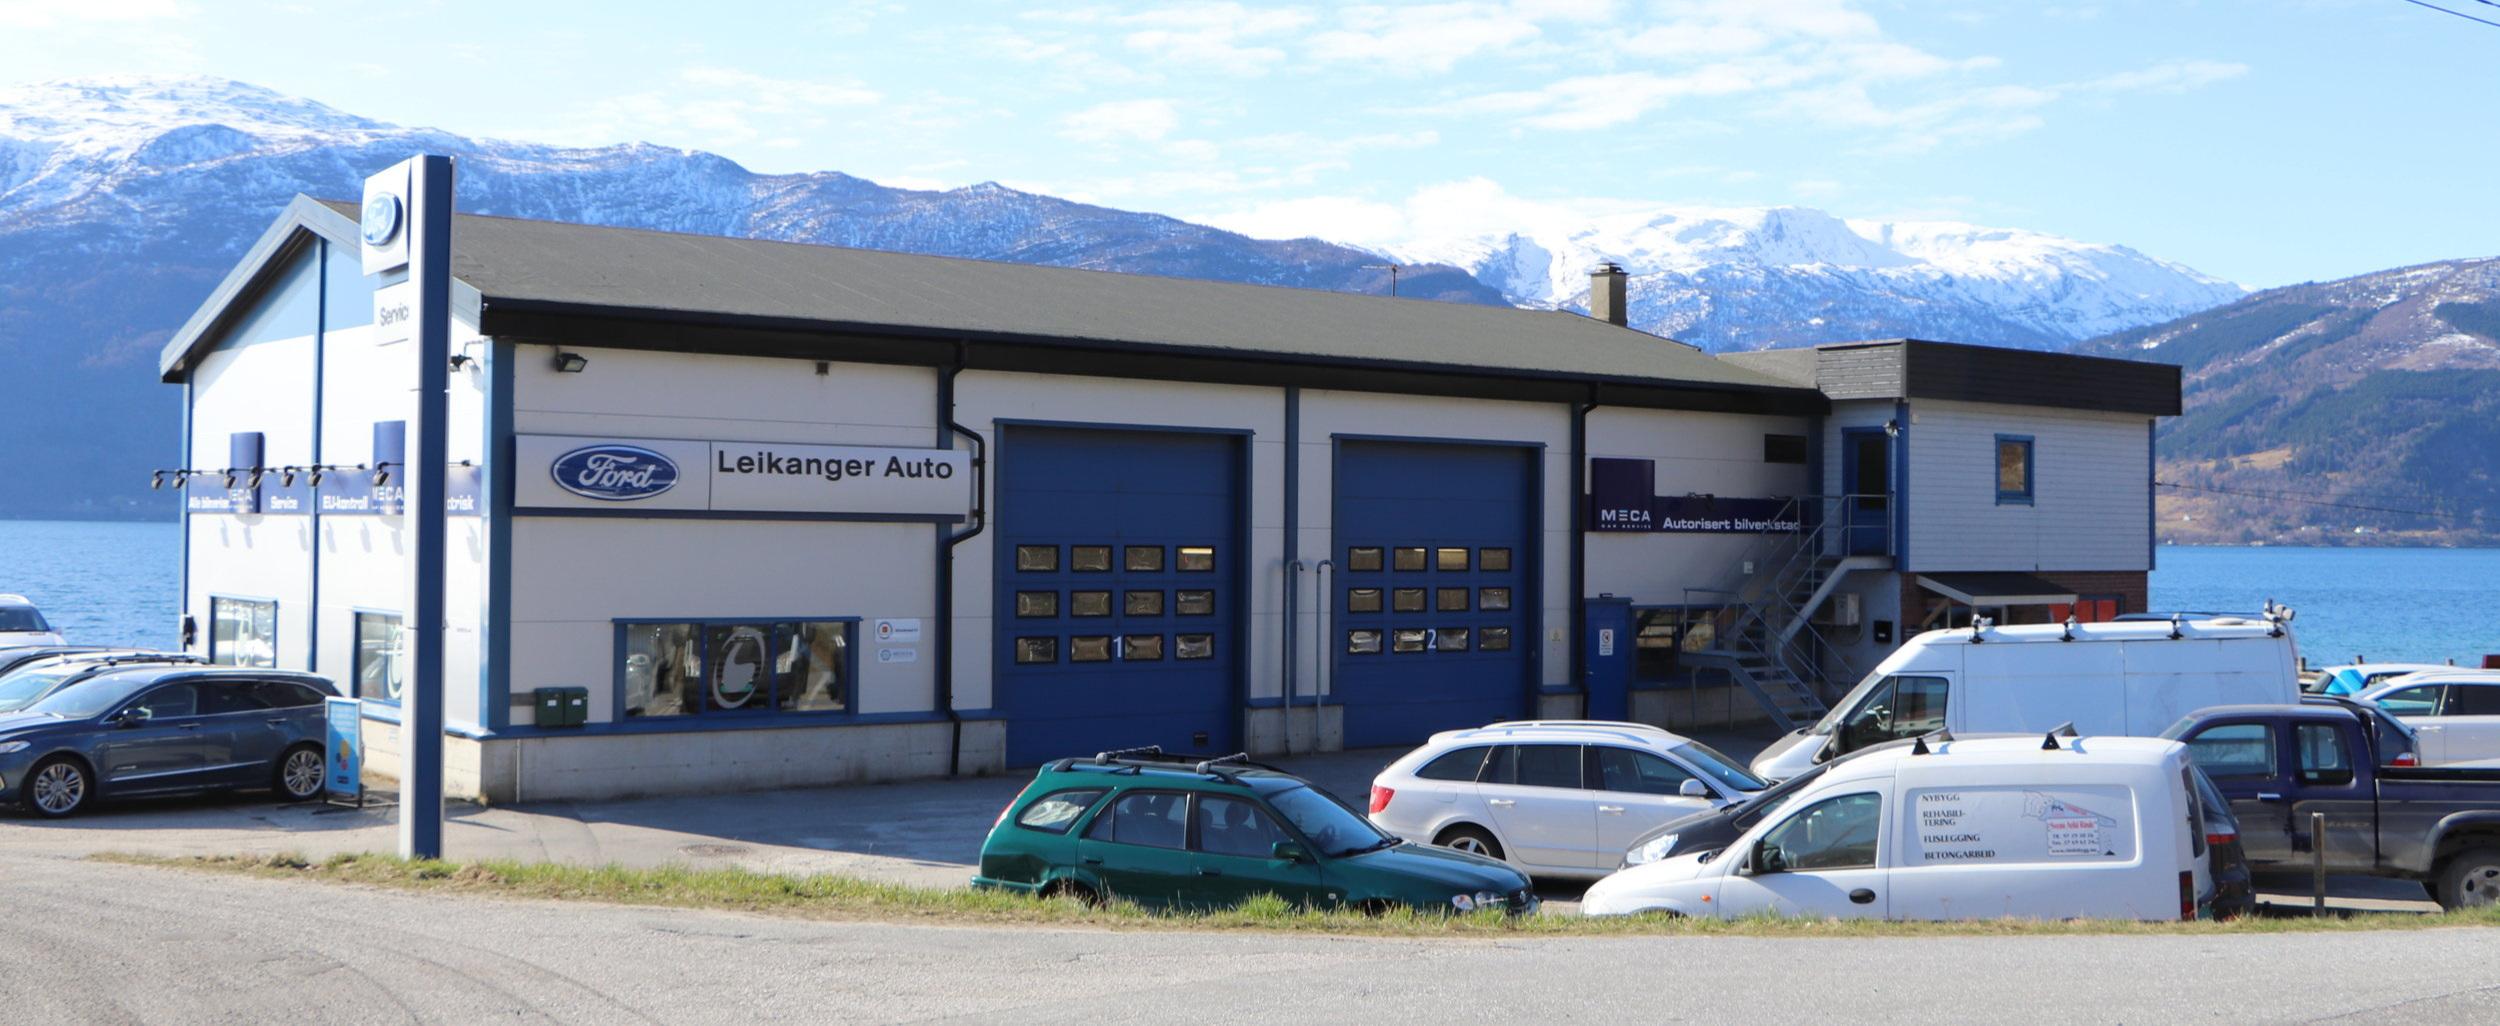 Leikanger Auto er fantastisk plassert på Hanahaug i fruktbygda.